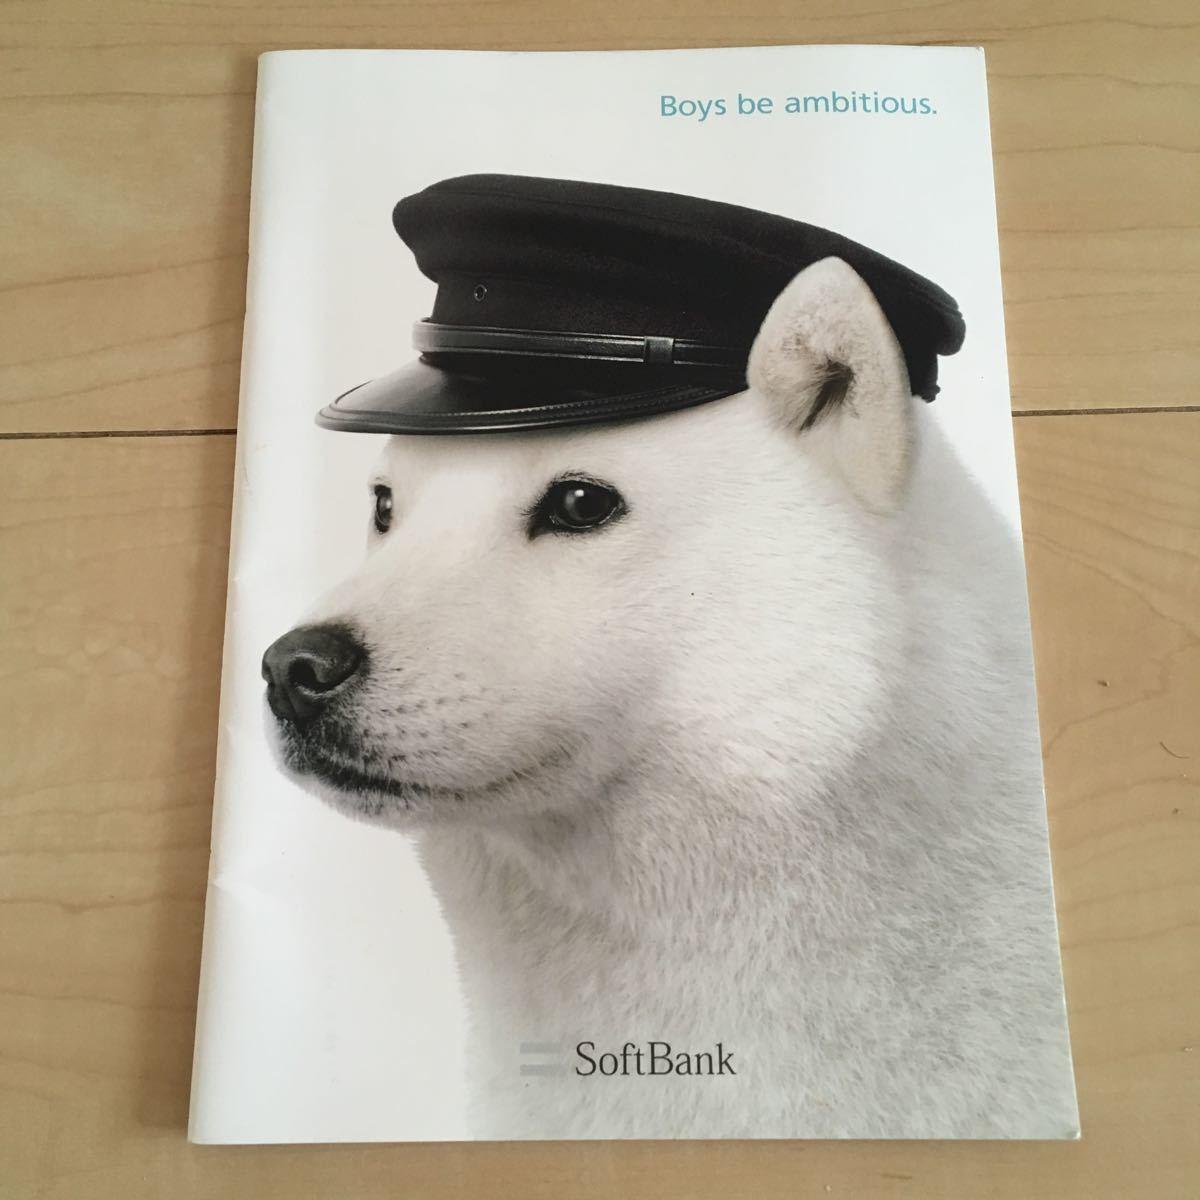 新品 ソフトバンク 白い犬 お父さん ノート ノベルティ 非売品 文房具 携帯電話